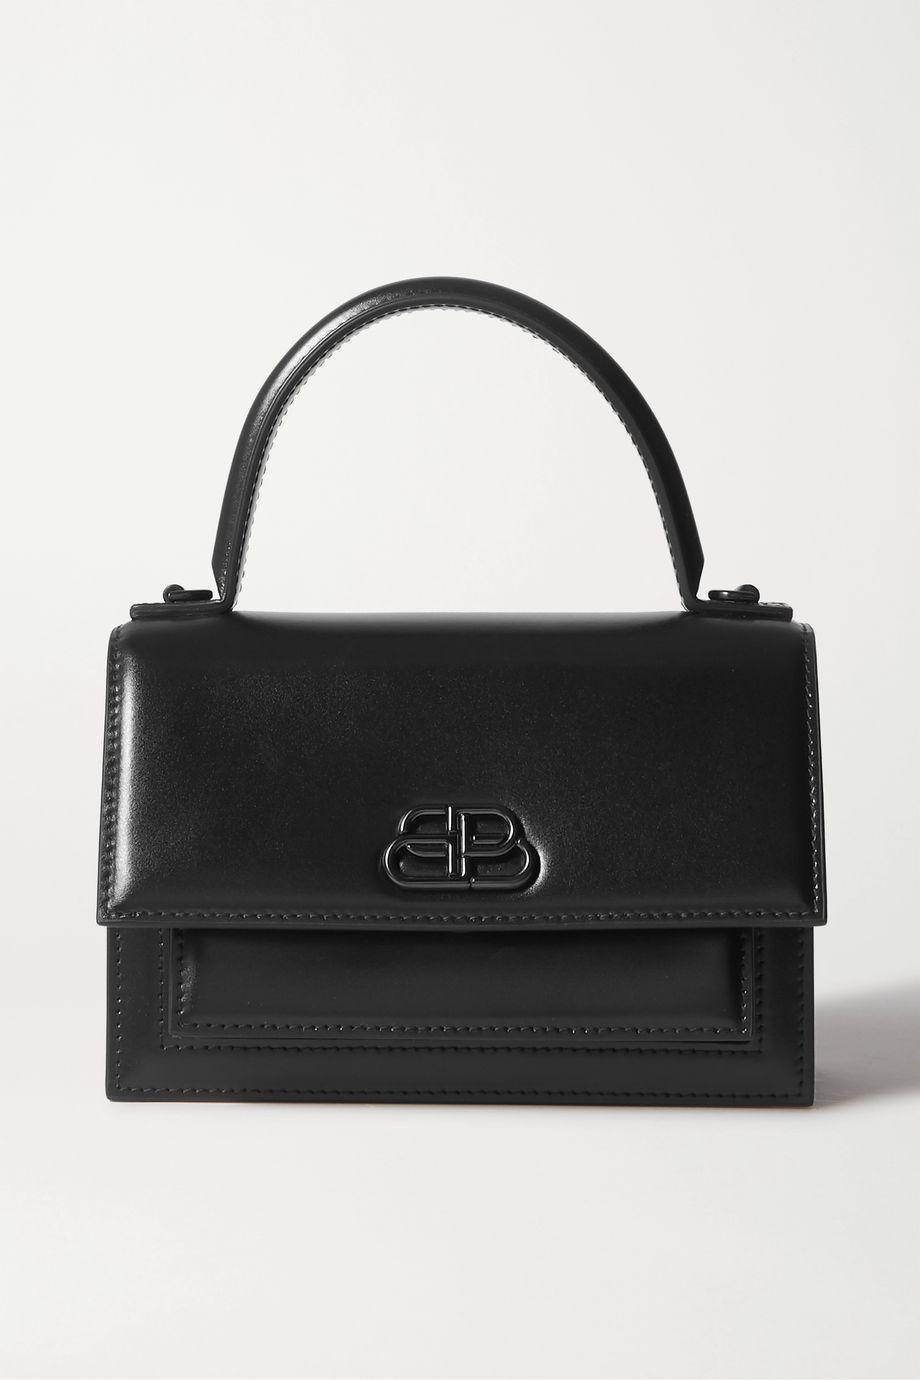 Balenciaga Sharp mini leather tote